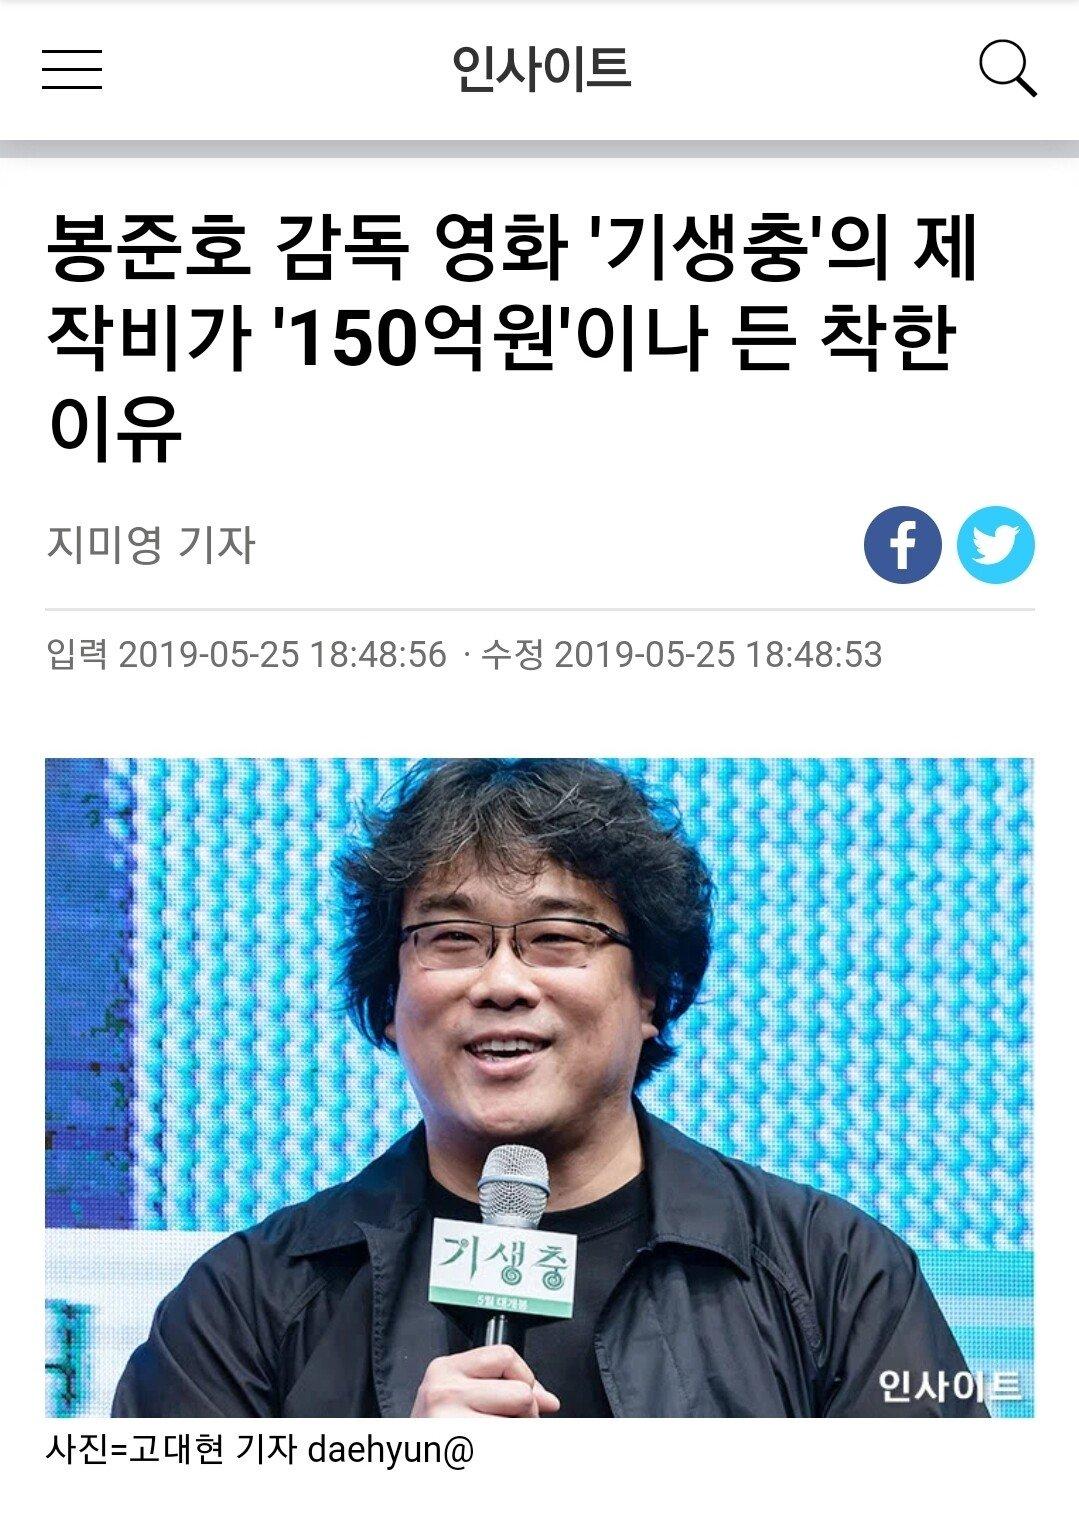 황금종려상 기생충과 제작비가 같은 한국영화